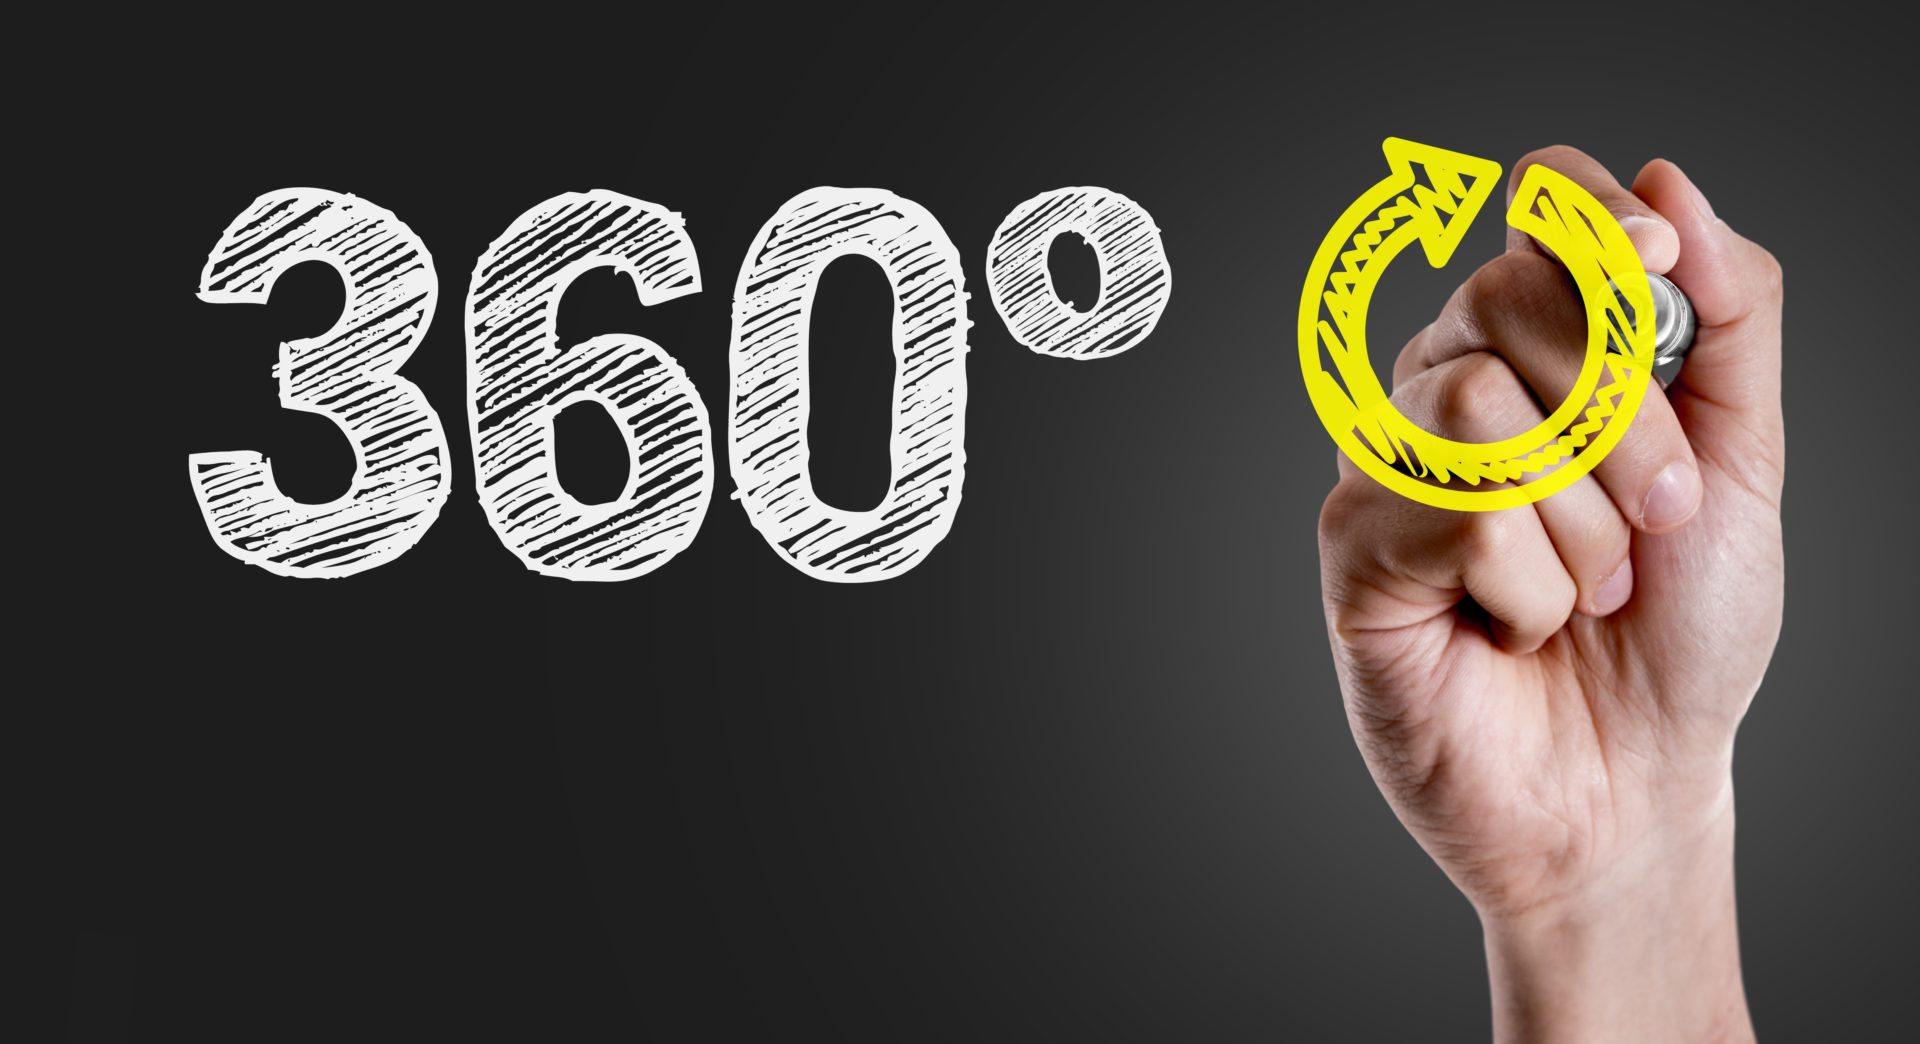 Hvordan kan du forbedre din 360-graders feedbackundersøkelse?